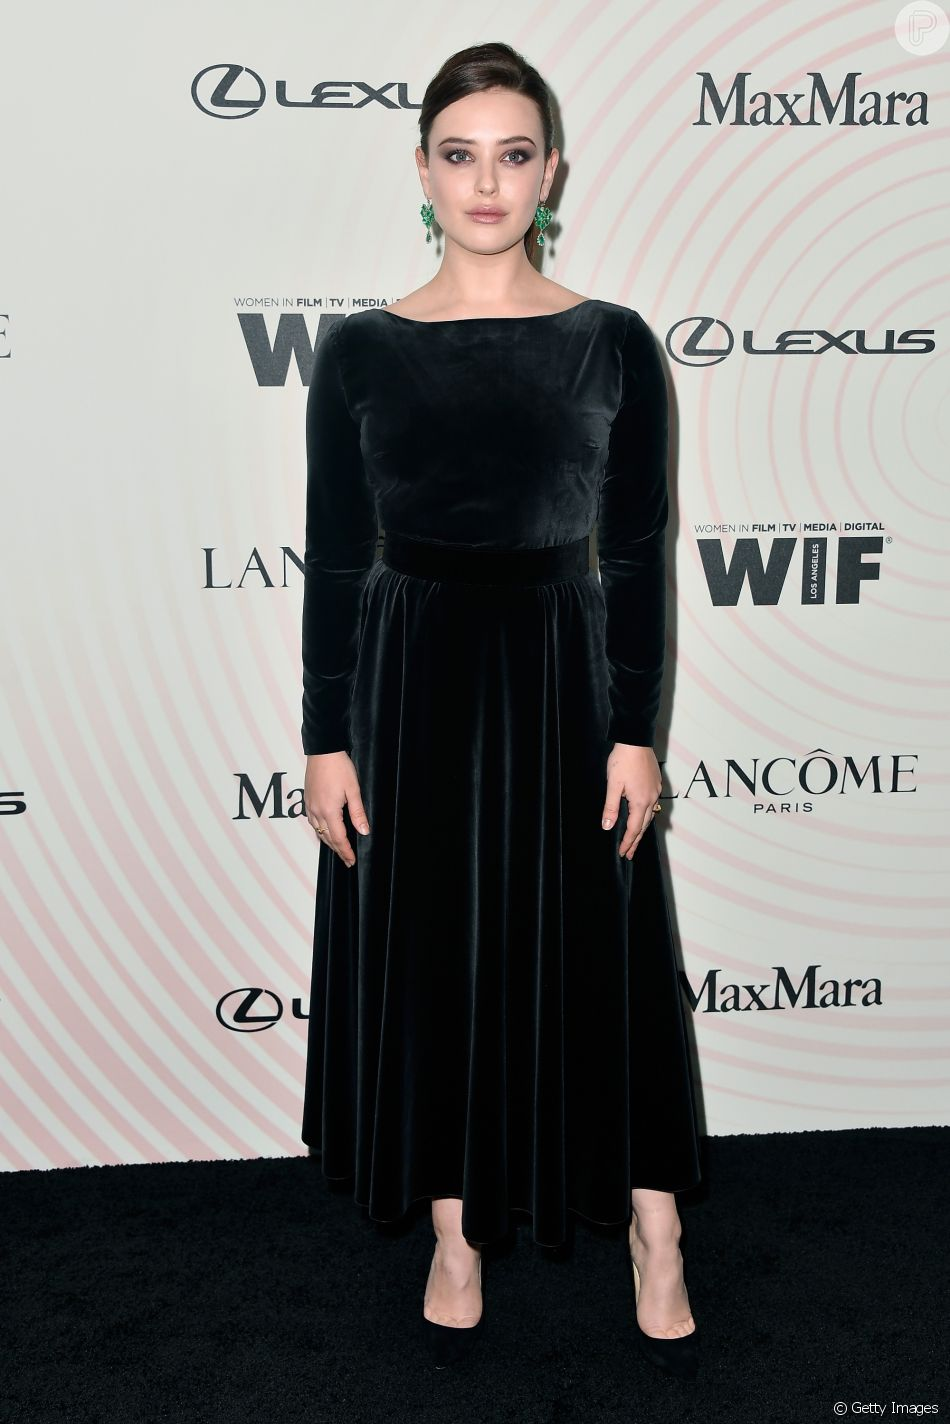 Katherine Langford, protagonista da série '13 Reasons Why', no Women In Film 2018 Crystal + Lucy Awards, promovido por Max Mara, Lancôme e Lexus no The Beverly Hilton Hotel, em Beverly Hills, na Califórnia, nesta quarta-feira, 13 de junho de 2018